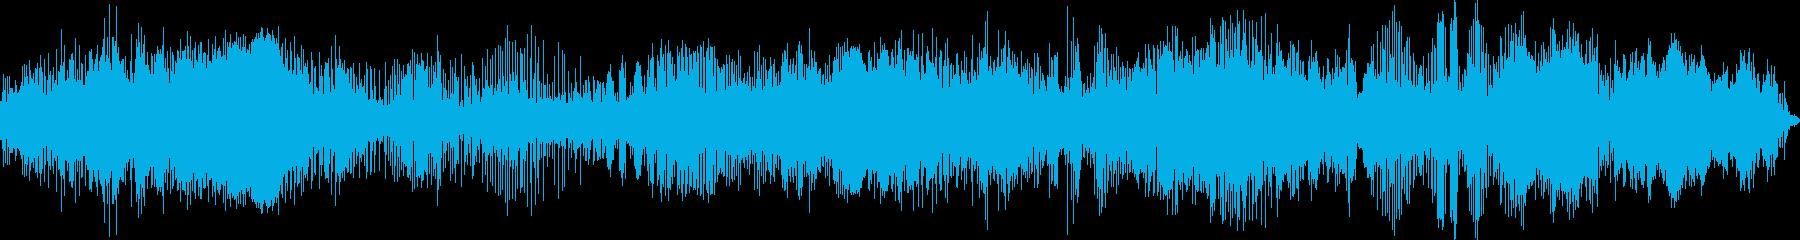 スノーモービルレース、エンジンの回...の再生済みの波形